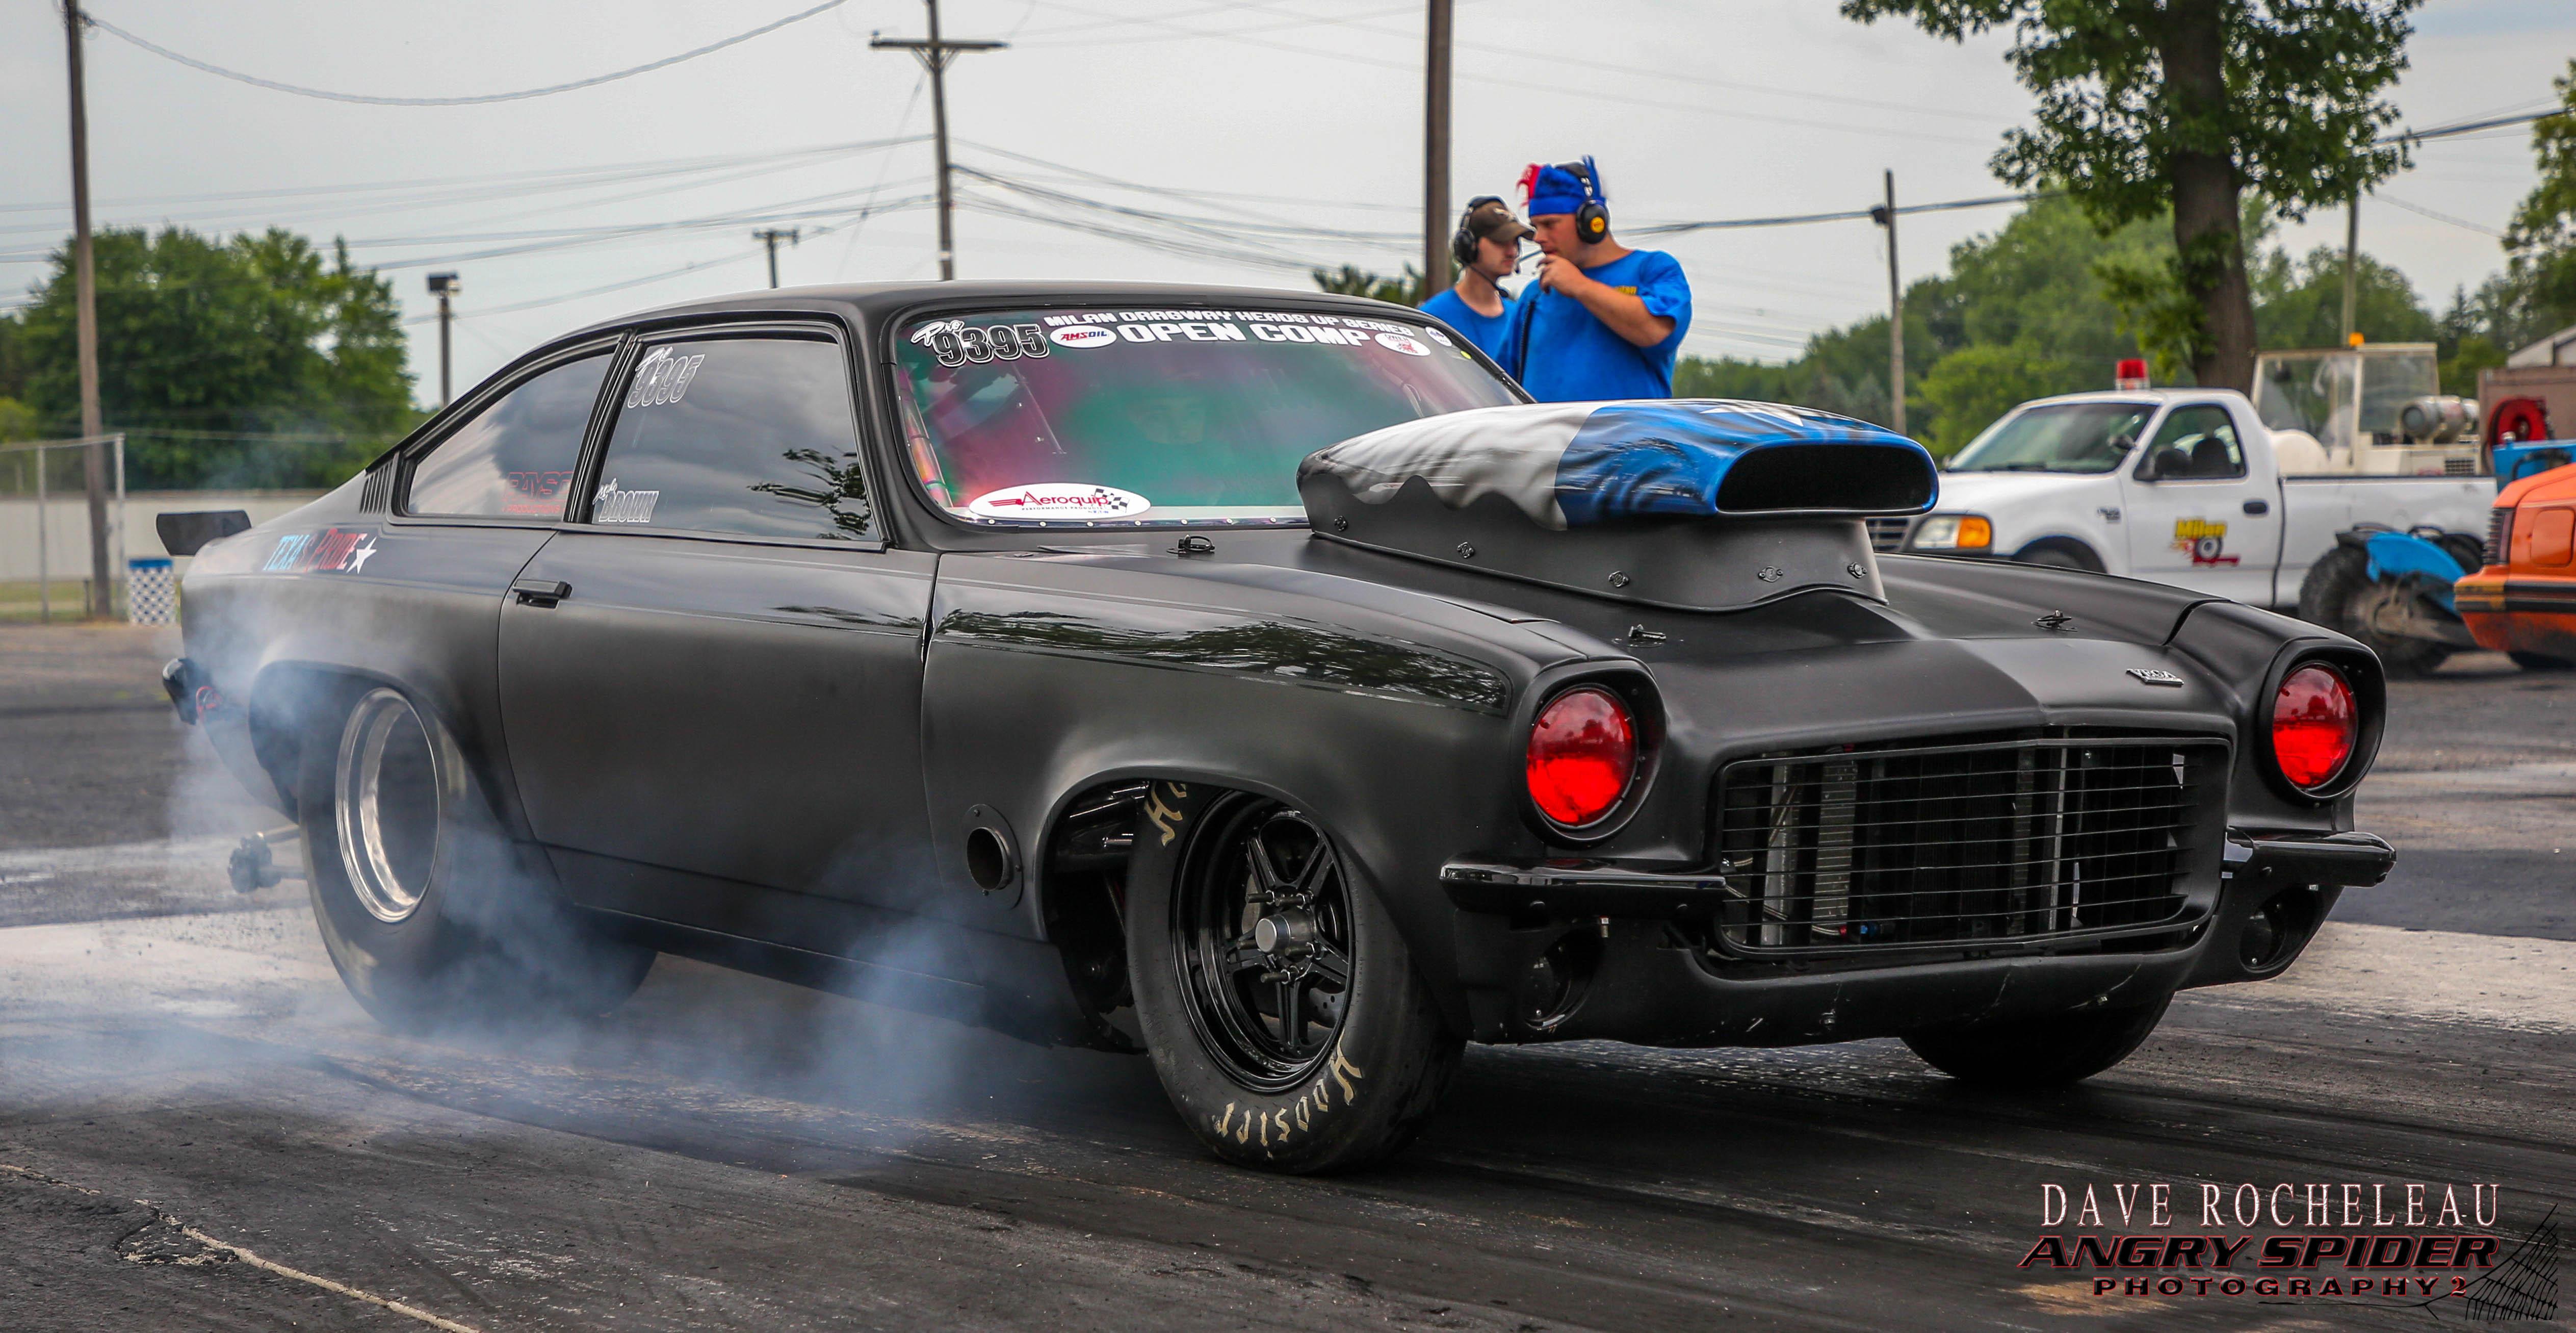 John Brown's Sinister Chevrolet Vega Takes The Road Less Traveled